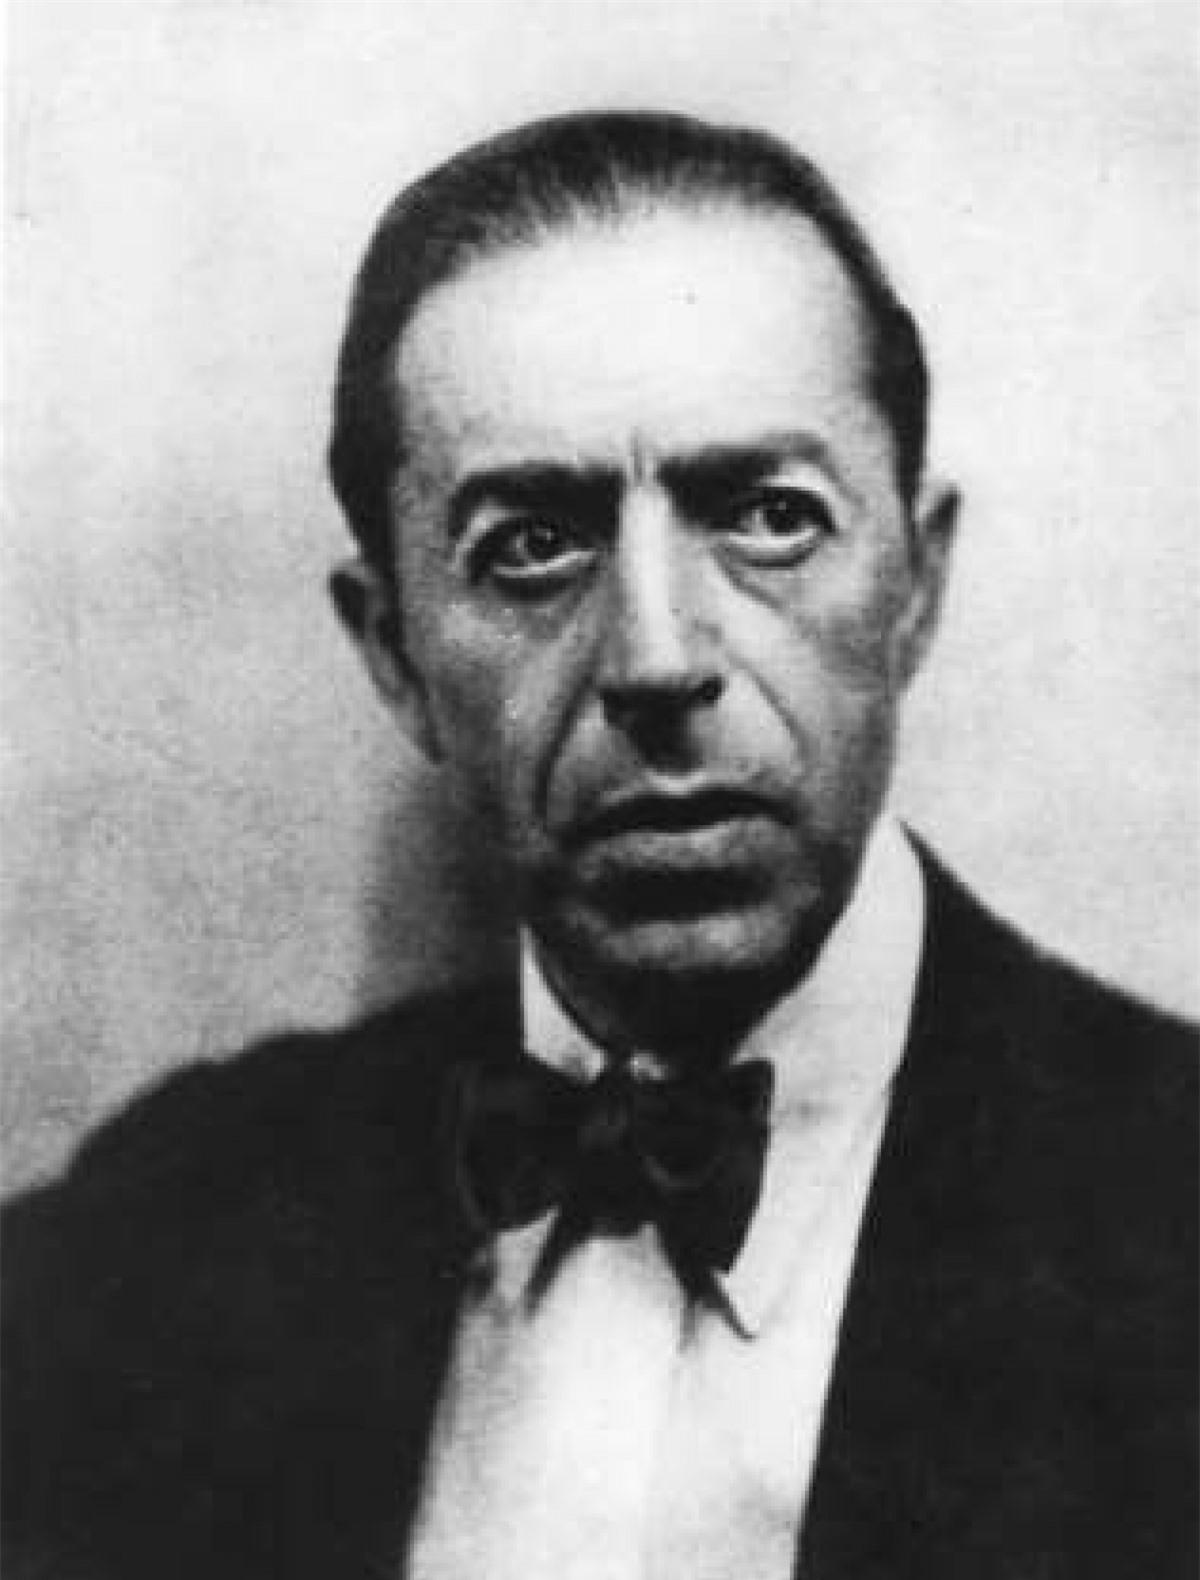 """Sidney Reilly (1873–1925): Sidney Reilly - một điệp viên người Anh sinh ra ở Nga được coi là nguyên mẫu của Điệp viên 007 và là """"siêu điệp viên"""" của thế kỷ 20. Ông từng làm trong Văn phòng Mật vụ Anh, tiền thân của MI6 ngày nay. Reilly bắt đầu các hoạt động gián điệp vào những năm 1890, sau đó bị Liên Xô bắt và bị xử tử năm 1925."""